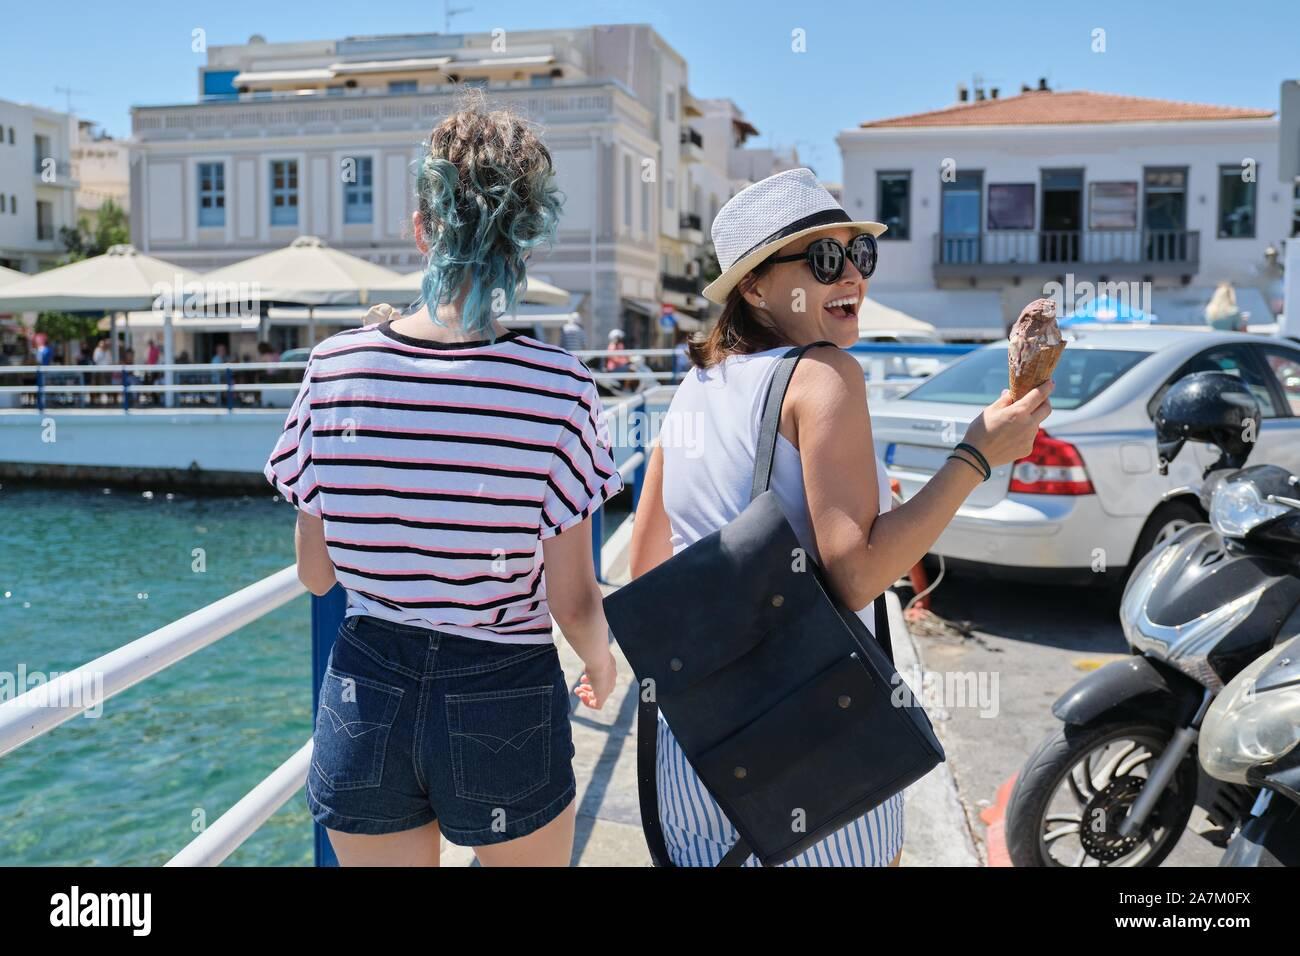 Mediterráneo, personas mujeres espalda cerca de paseo marítimo Foto de stock